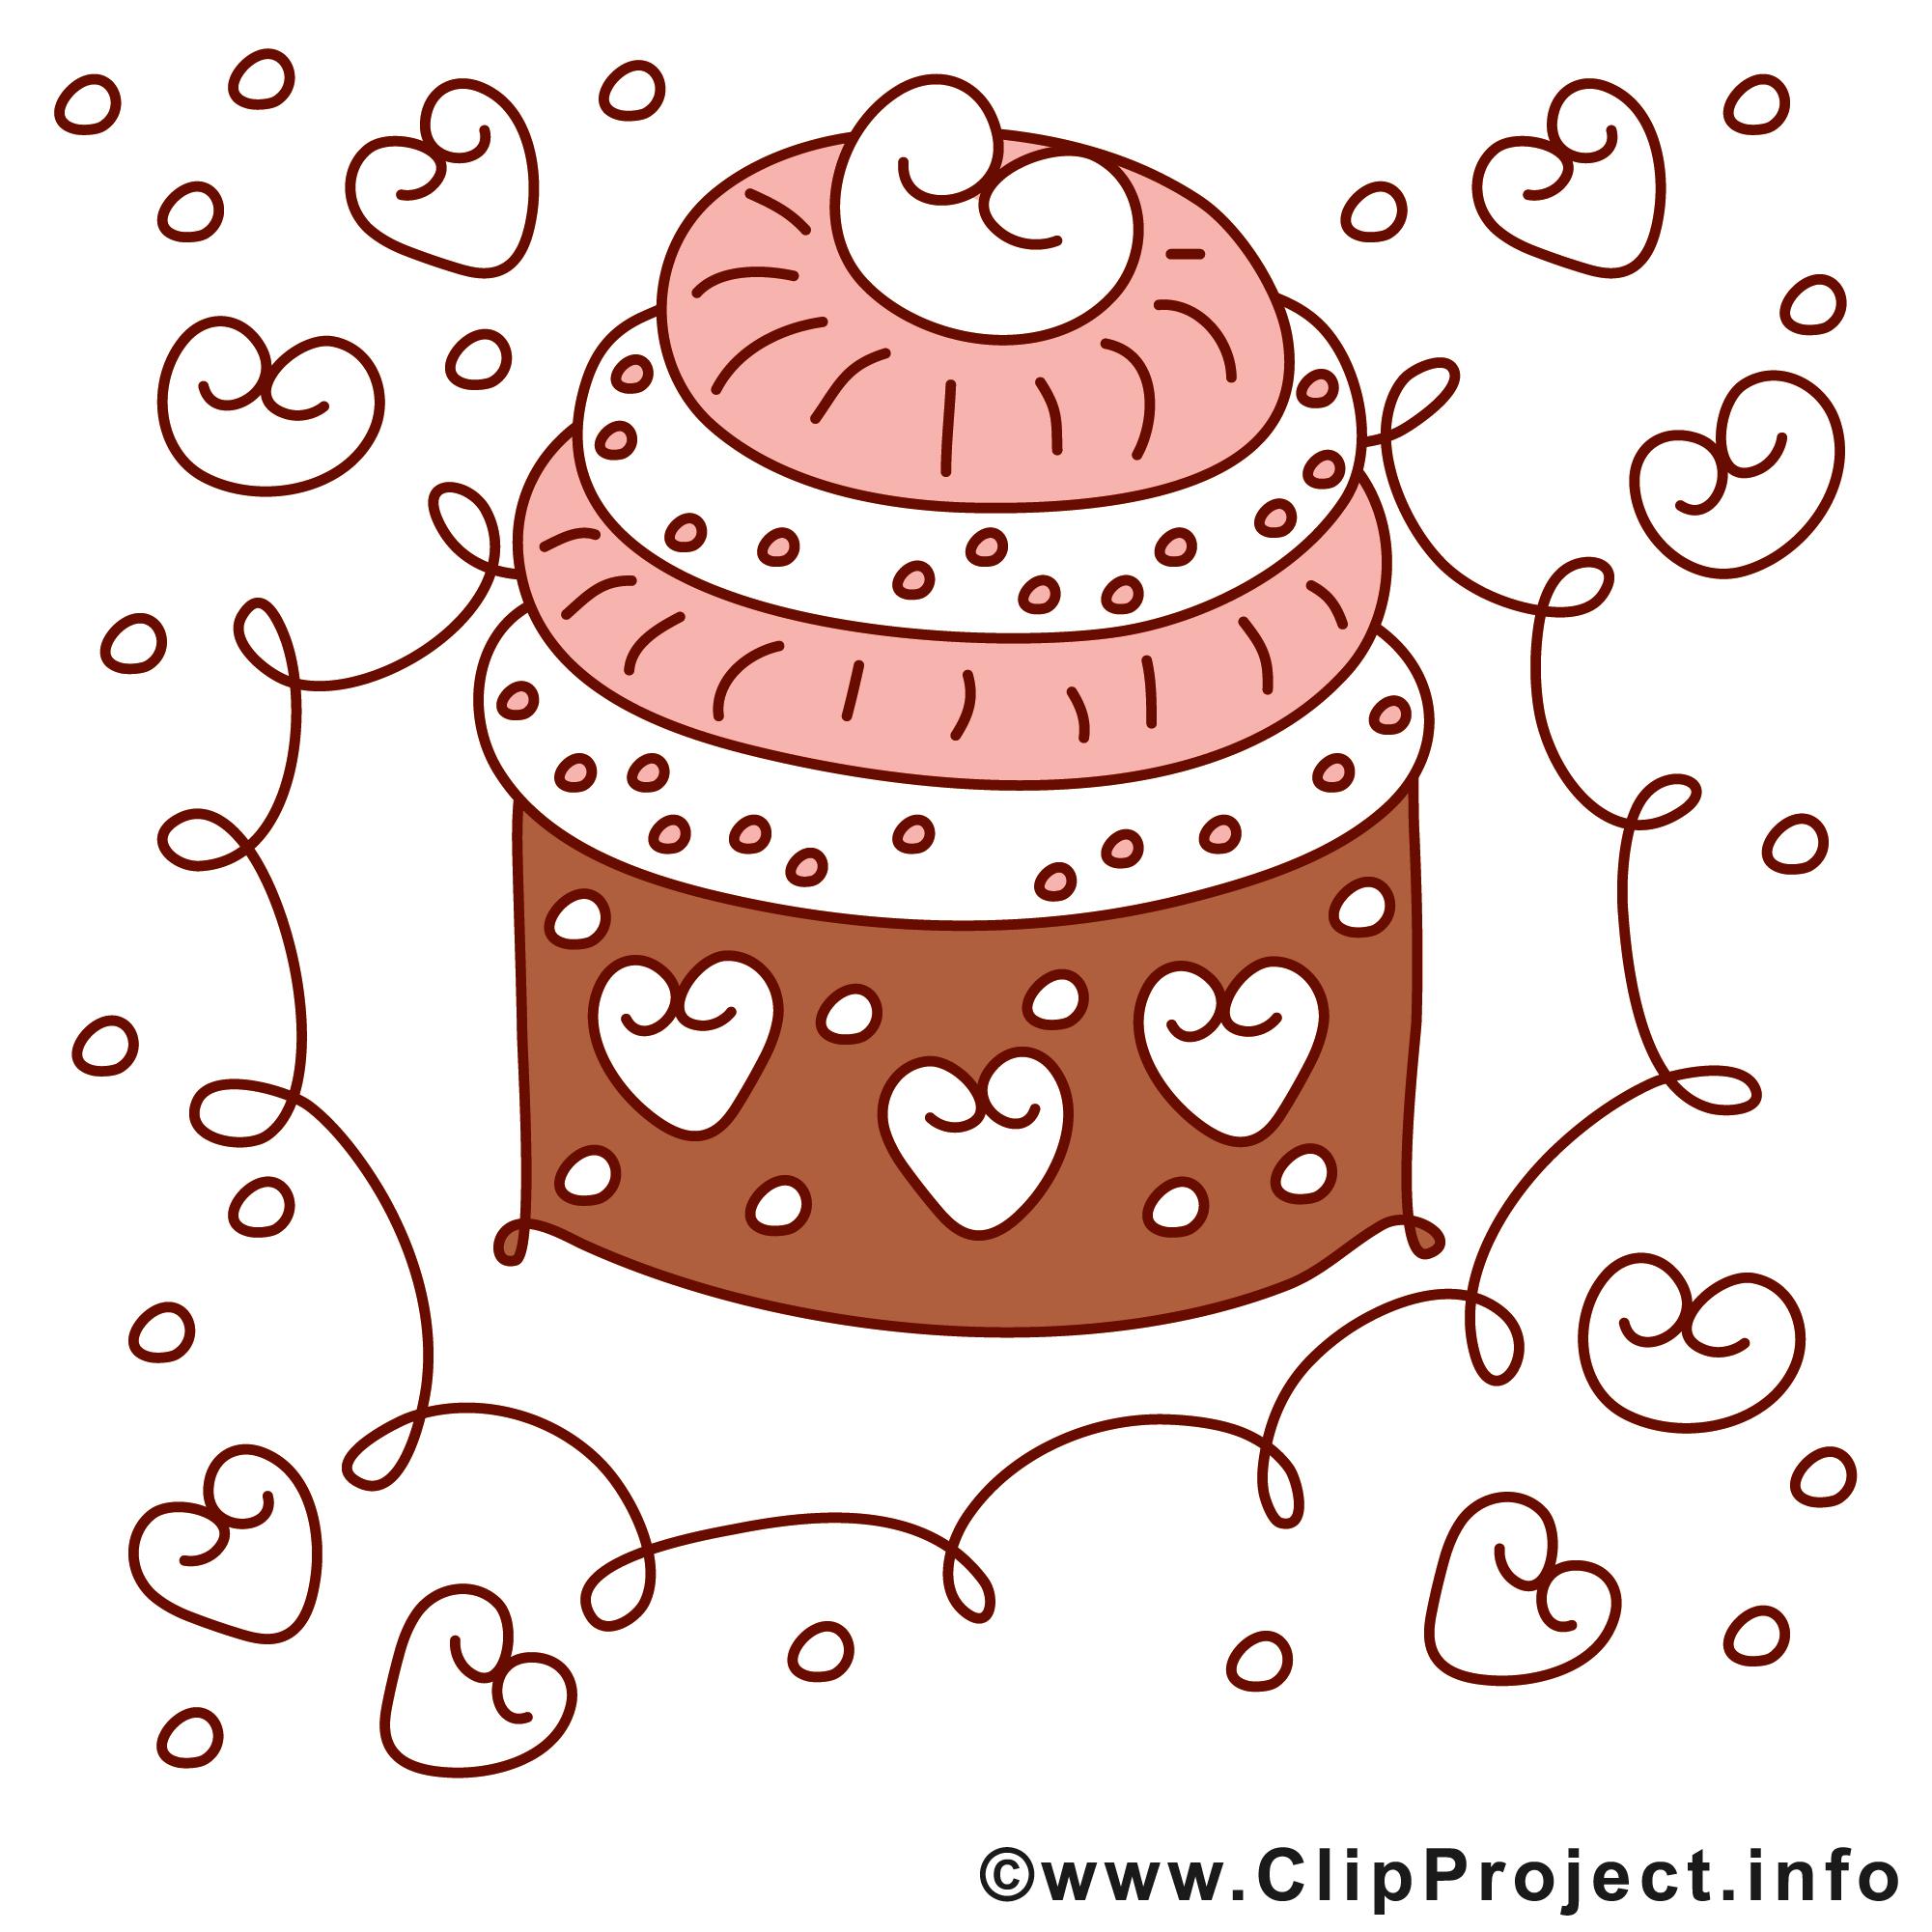 Geburtstag torte clipart svg free download Kostenlose Cliparts zum Geburtstag - Torte Clipart svg free download